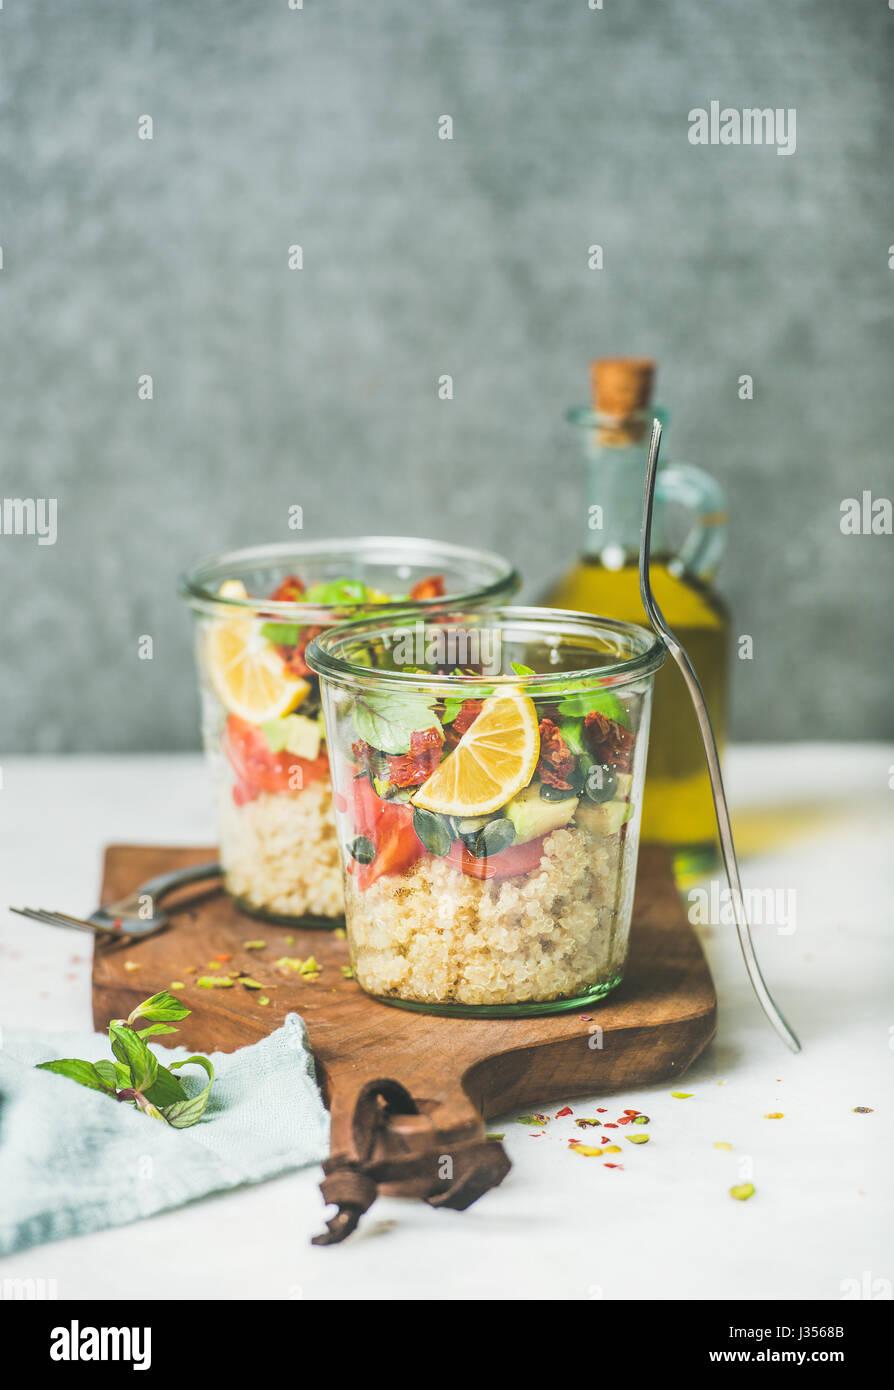 Quionoa avec salade, Avocat, tomates séchées, copy space Photo Stock